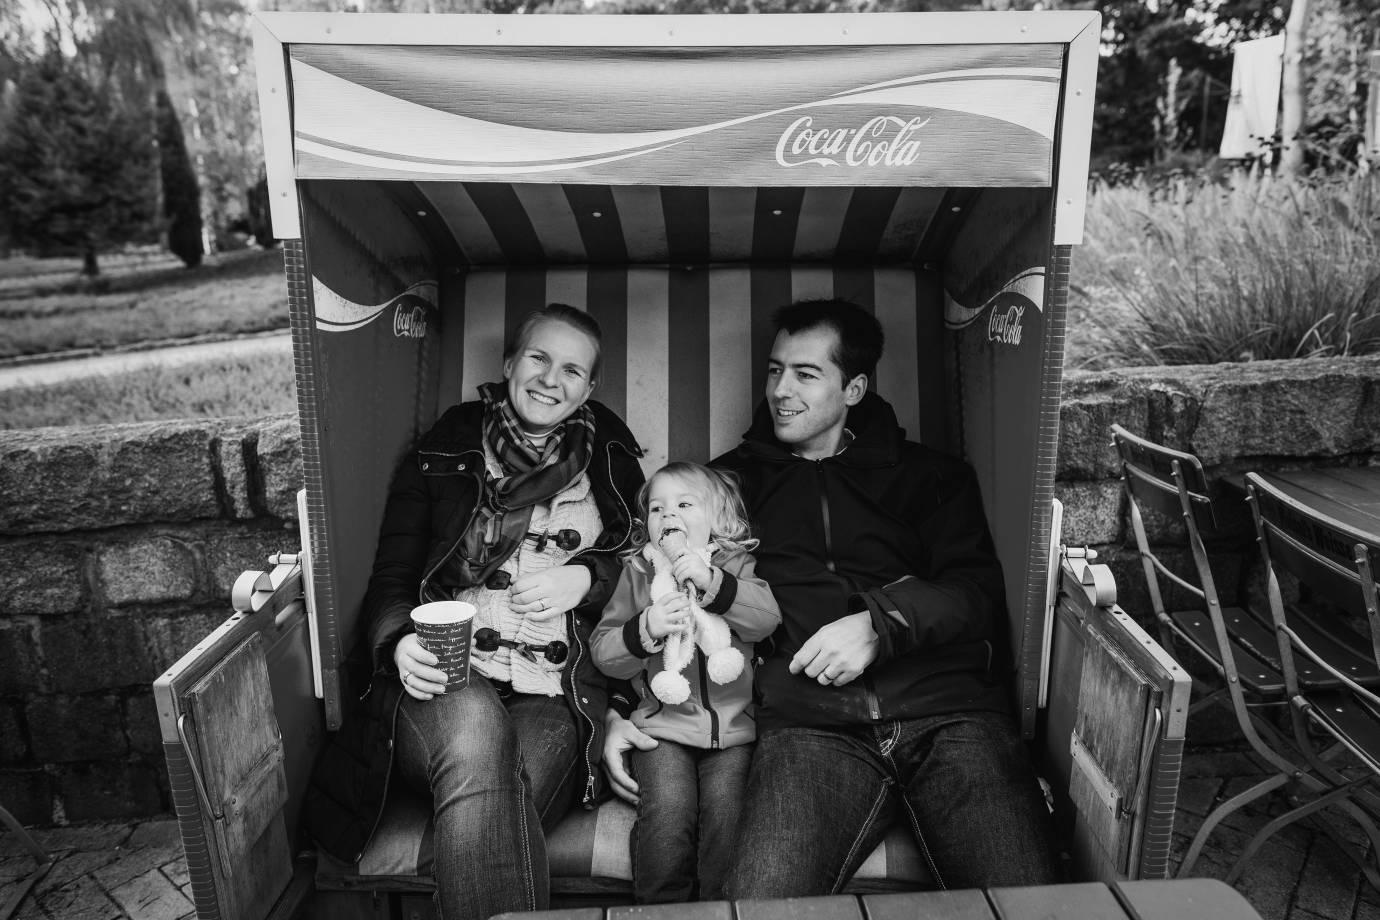 familienfotos bremen 29 - Familienfotos von Juliane+Jan